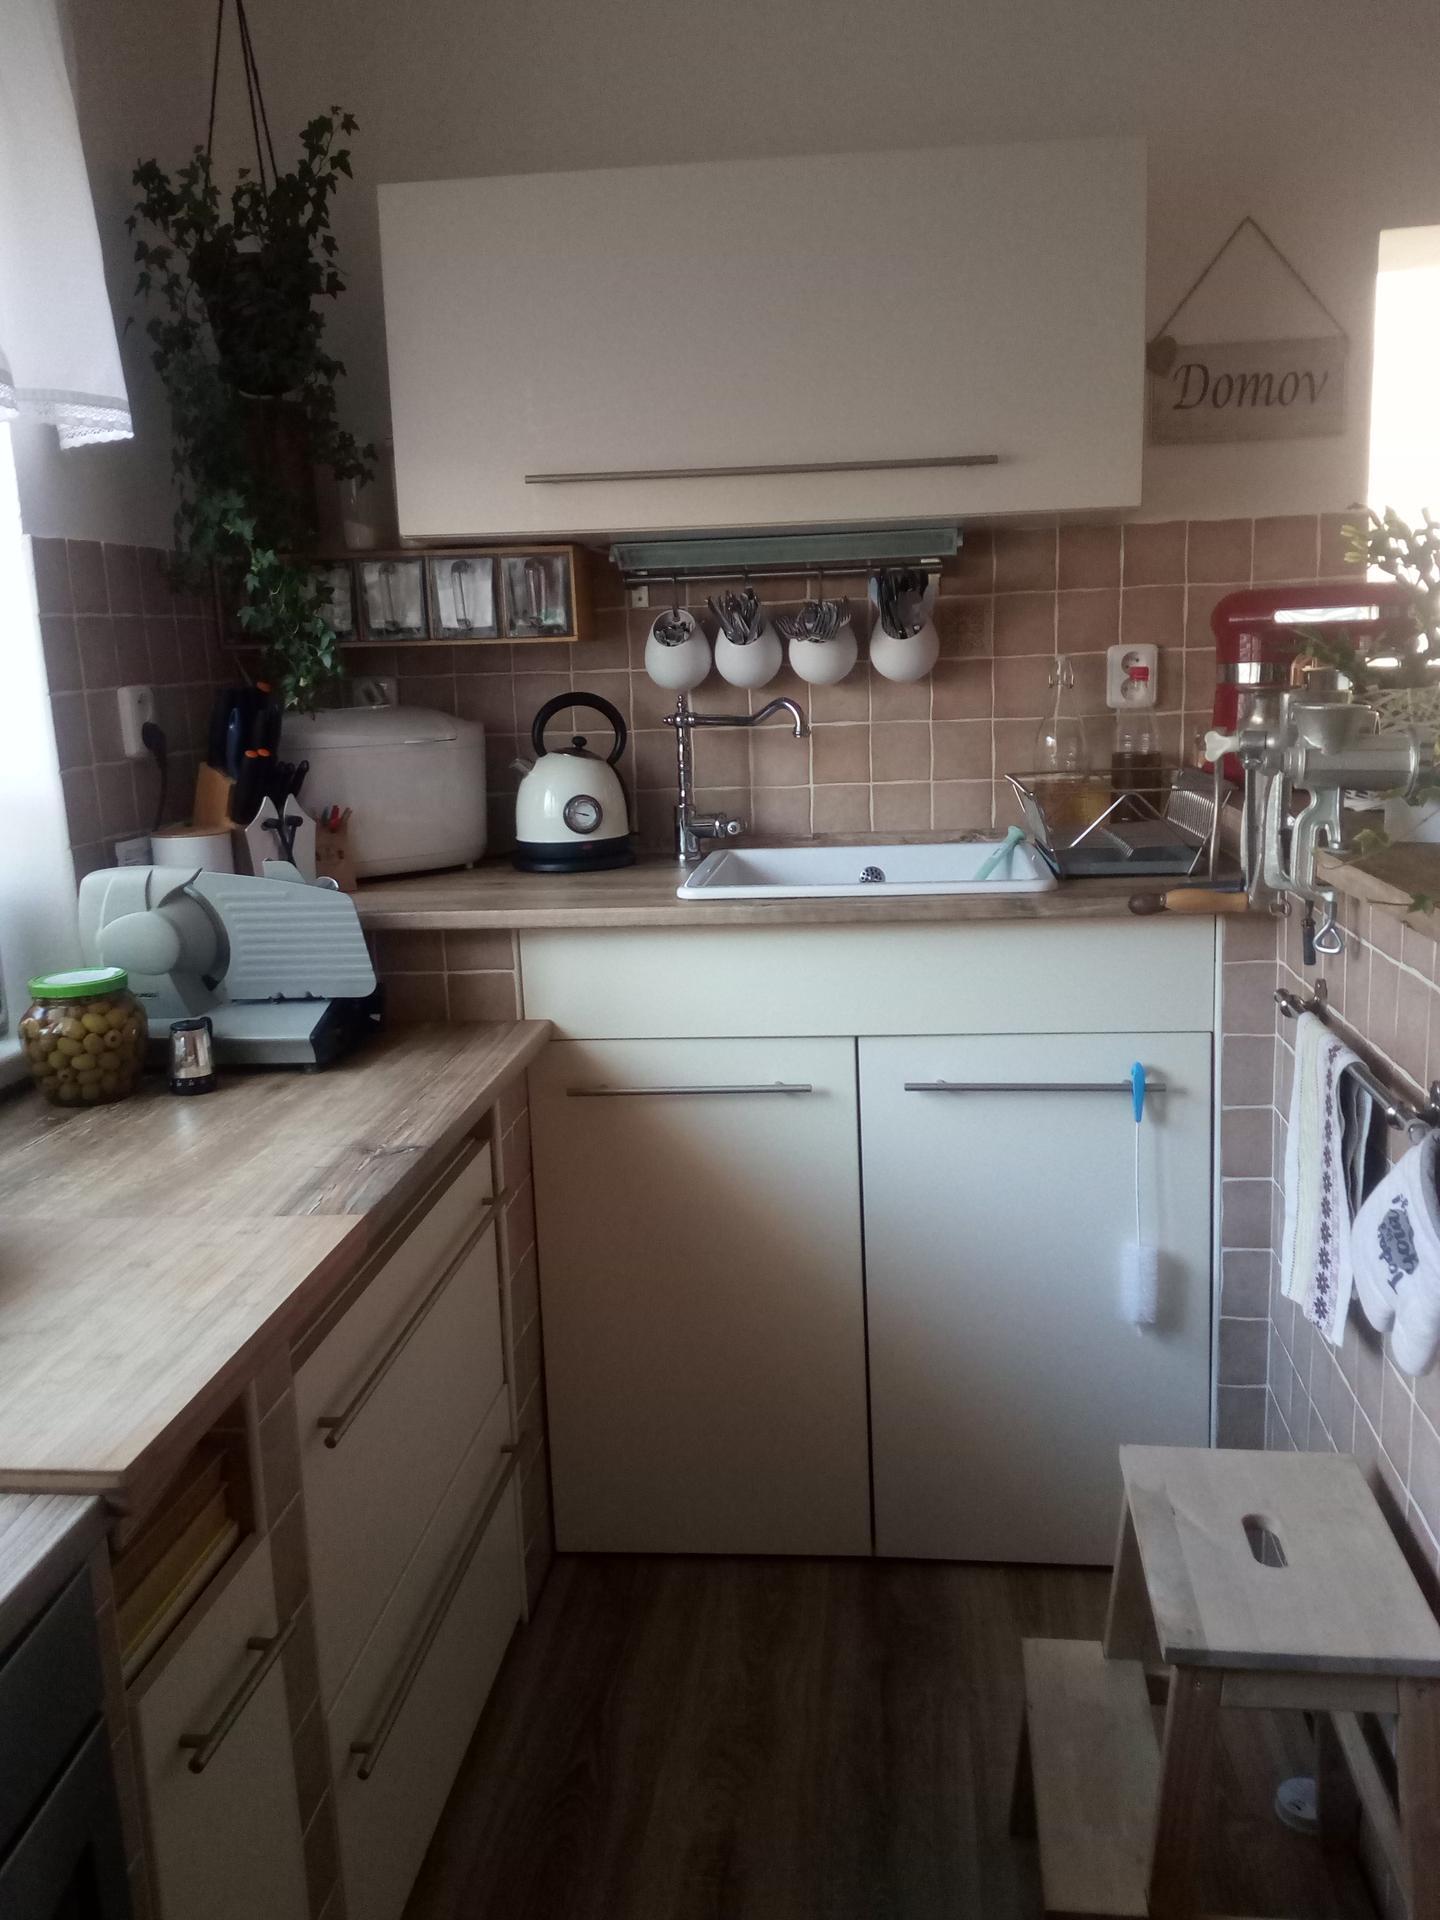 V naší kuchyni - Obrázek č. 6